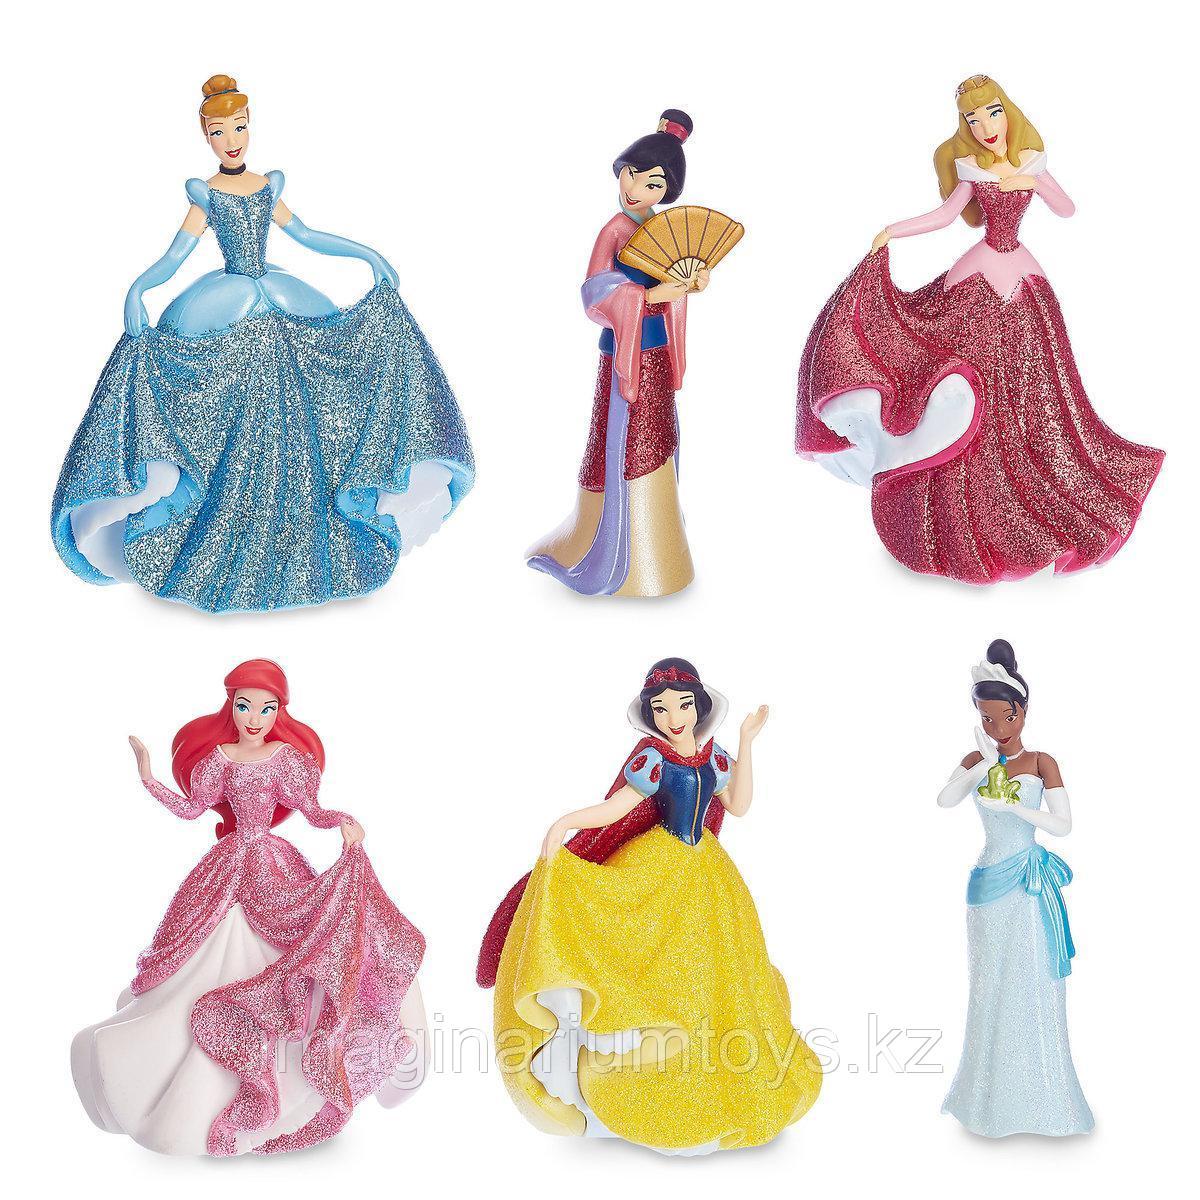 Игровой набор «Принцессы Дисней» Disney